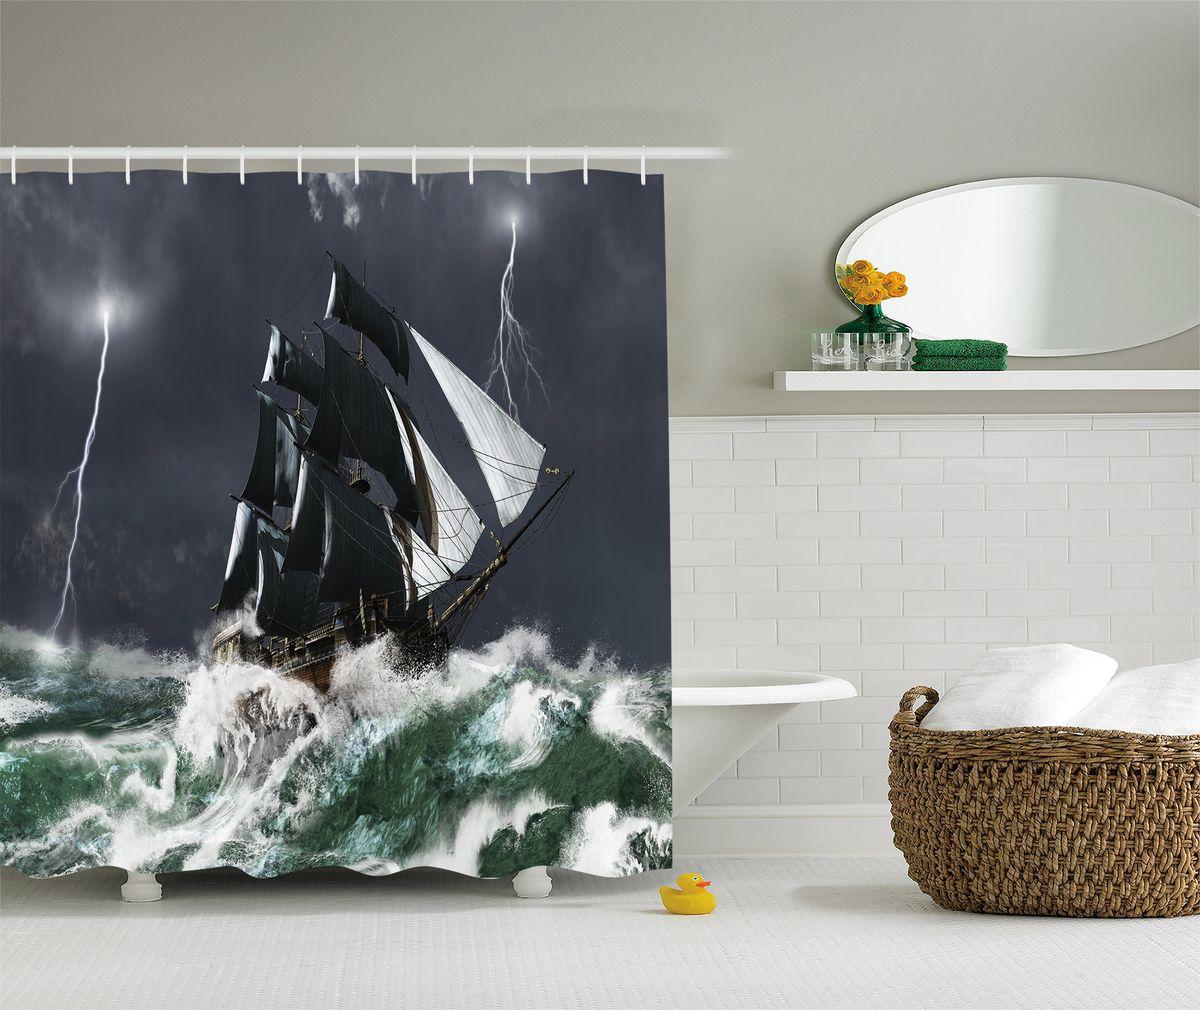 Штора для ванной комнаты Magic Lady Корабль в бурном море, 180 х 200 см391602Штора Magic Lady Корабль в бурном море, изготовленная из высококачественного сатена (полиэстер 100%), отлично дополнит любой интерьер ванной комнаты. При изготовлении используются специальные гипоаллергенные чернила для прямой печати по ткани, безопасные для человека.В комплекте: 1 штора, 12 крючков. Обращаем ваше внимание, фактический цвет изделия может незначительно отличаться от представленного на фото.